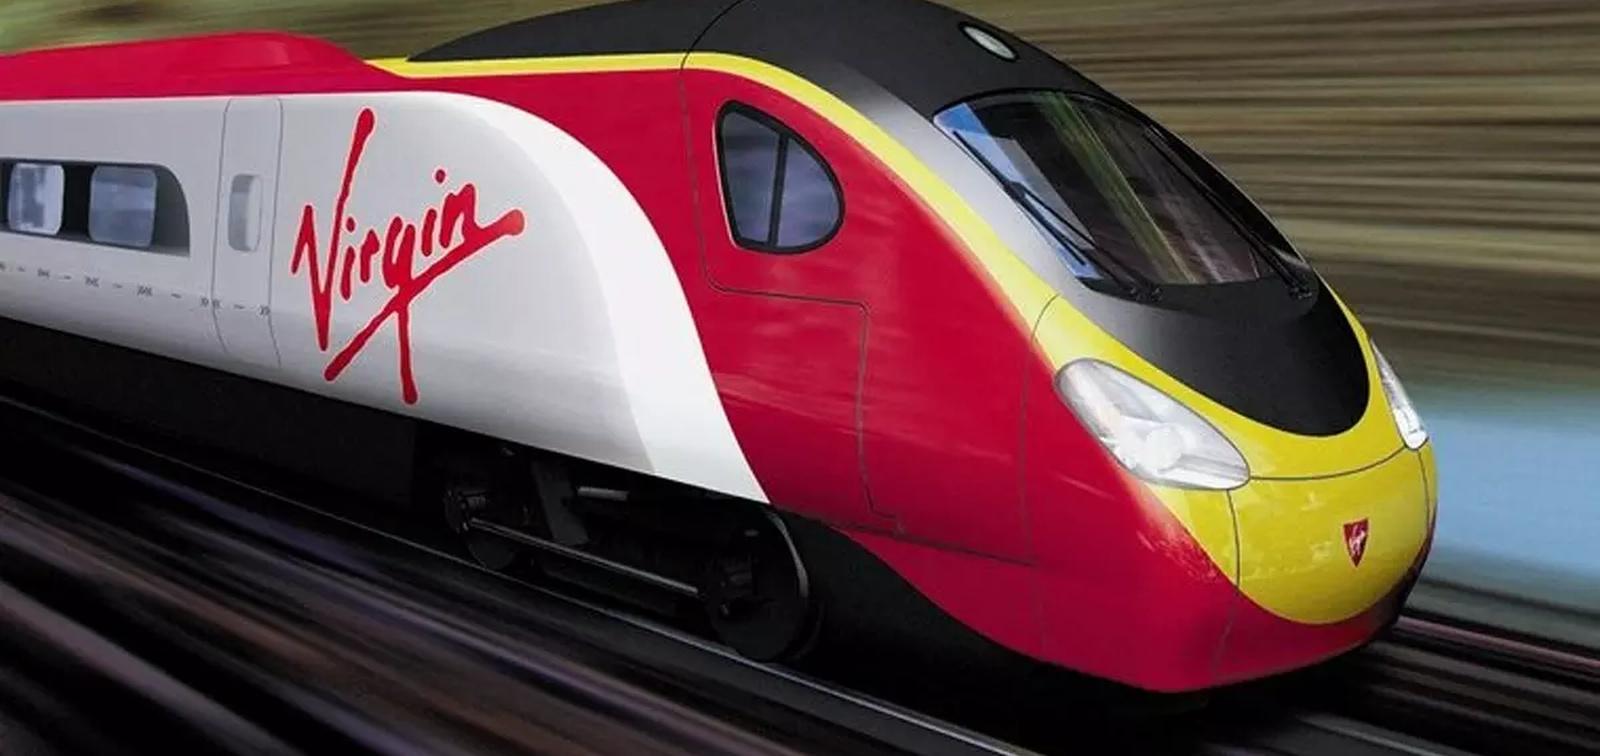 High-speed rail would get $205B boost via new bill